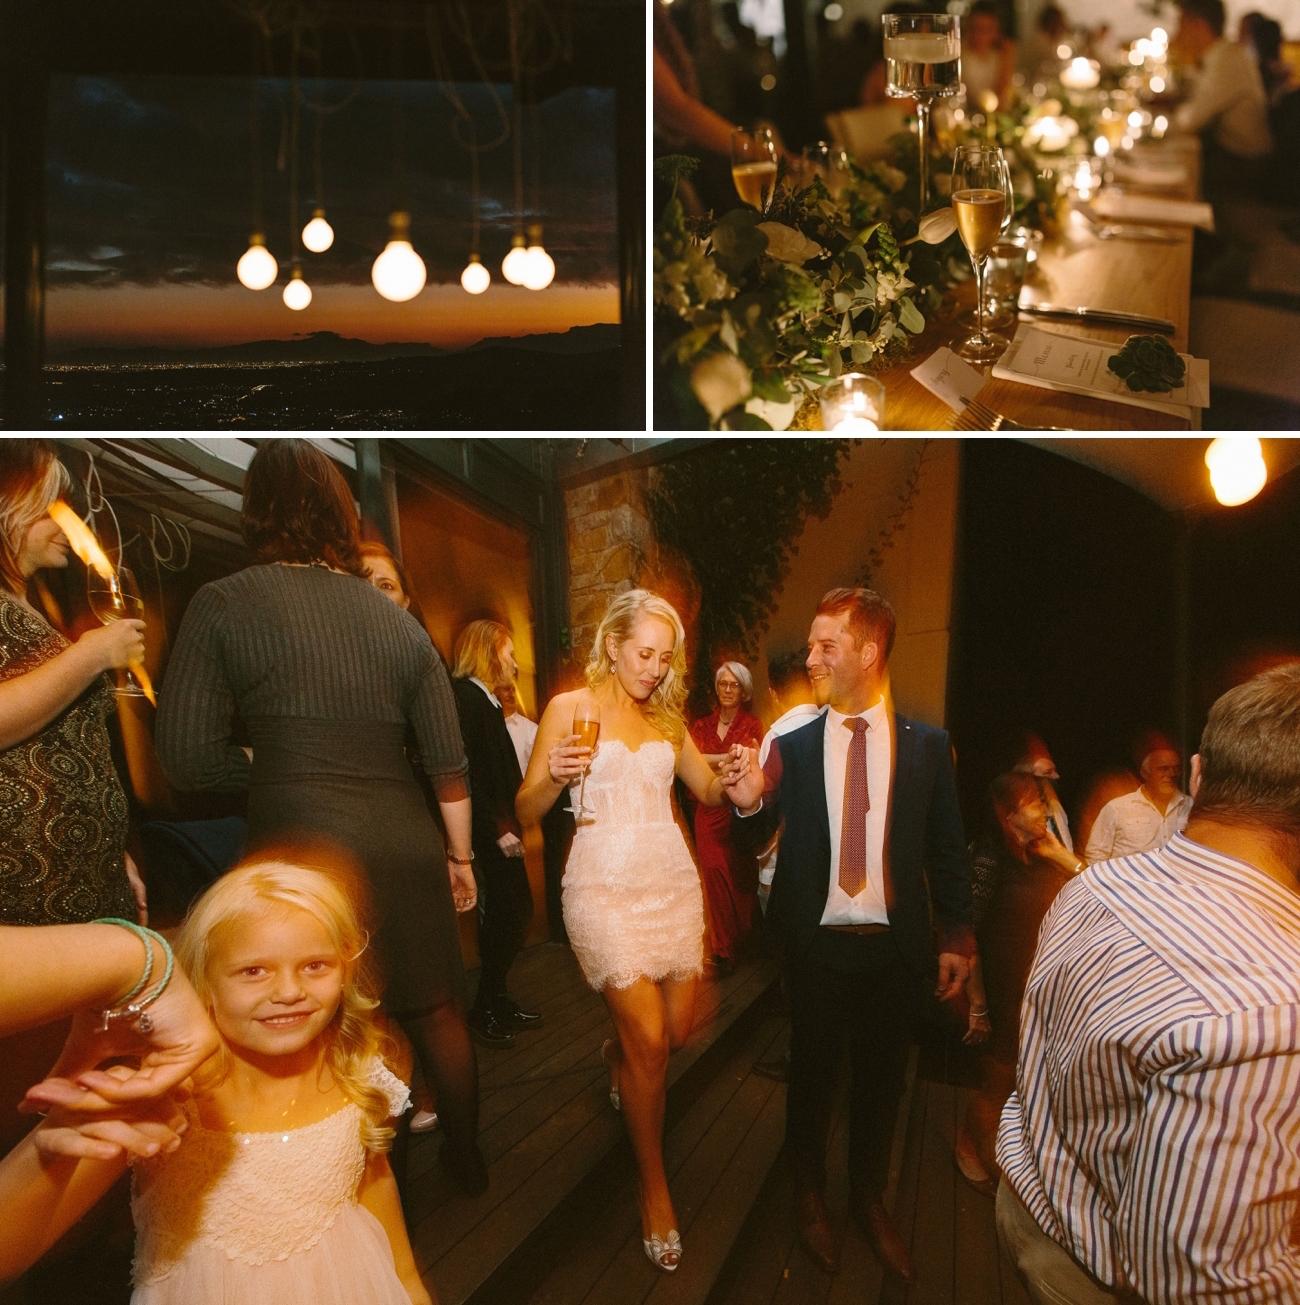 Convertible Wedding Dress | Credit: Kikitography